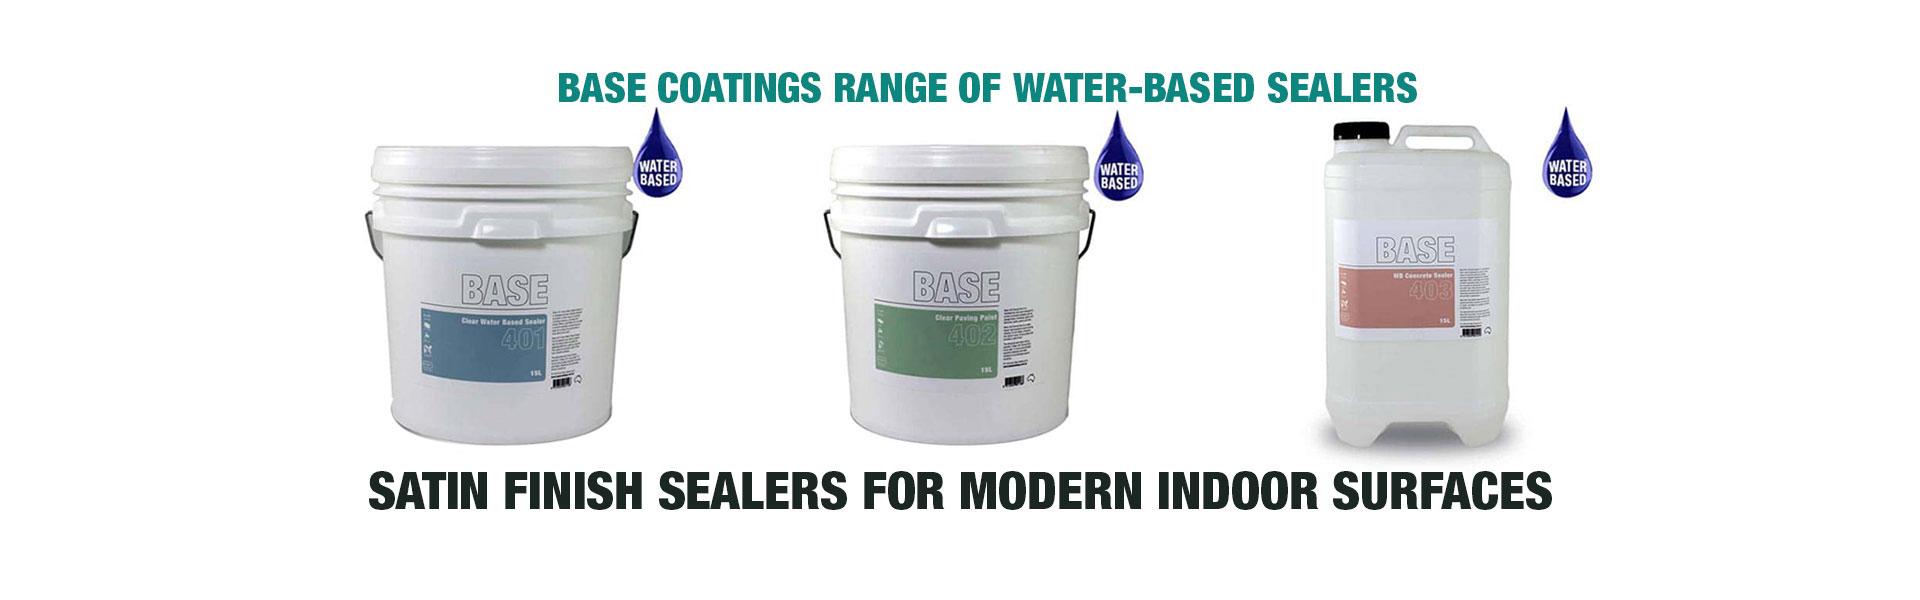 Water-Based Sealers